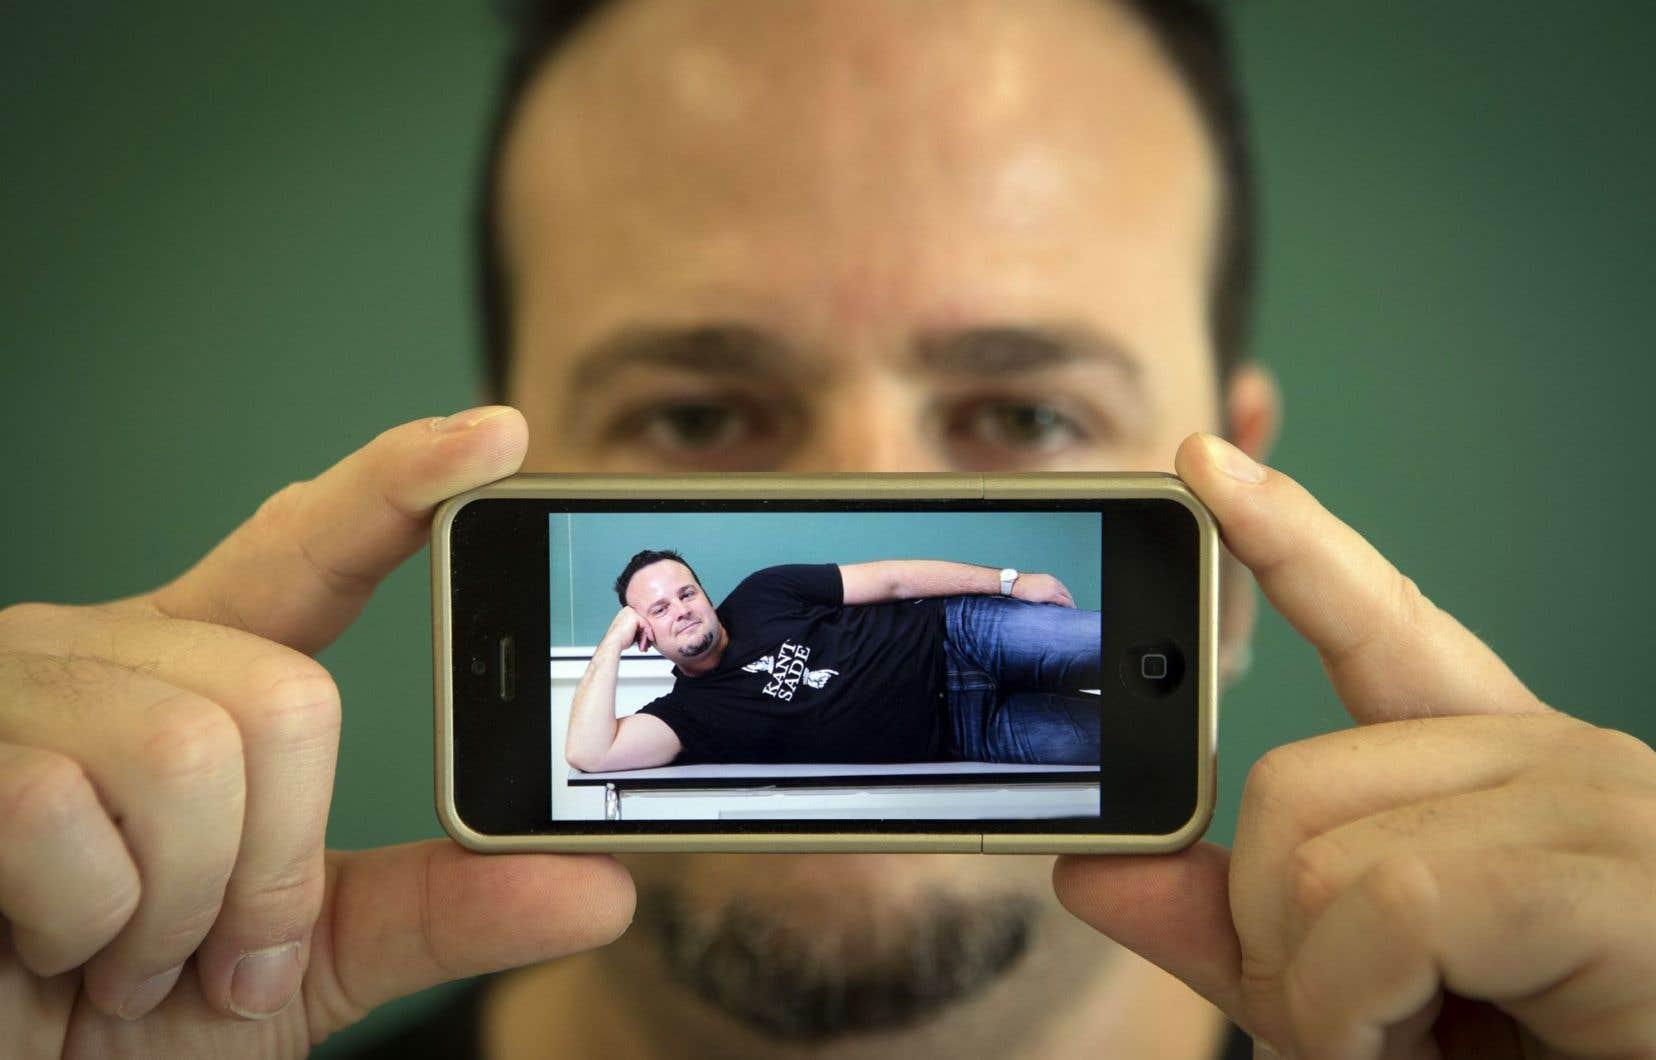 L'enseignant de philosophie Stéphane Delisle avance que, pour l'humaniste français Montaigne, l'encre et la plume ne remplissent pas la même fonction que l'iPhone 6 qui, par l'image ou la vidéo, tente d'élever nos actions issues du quotidien au rang des épopées homériques.